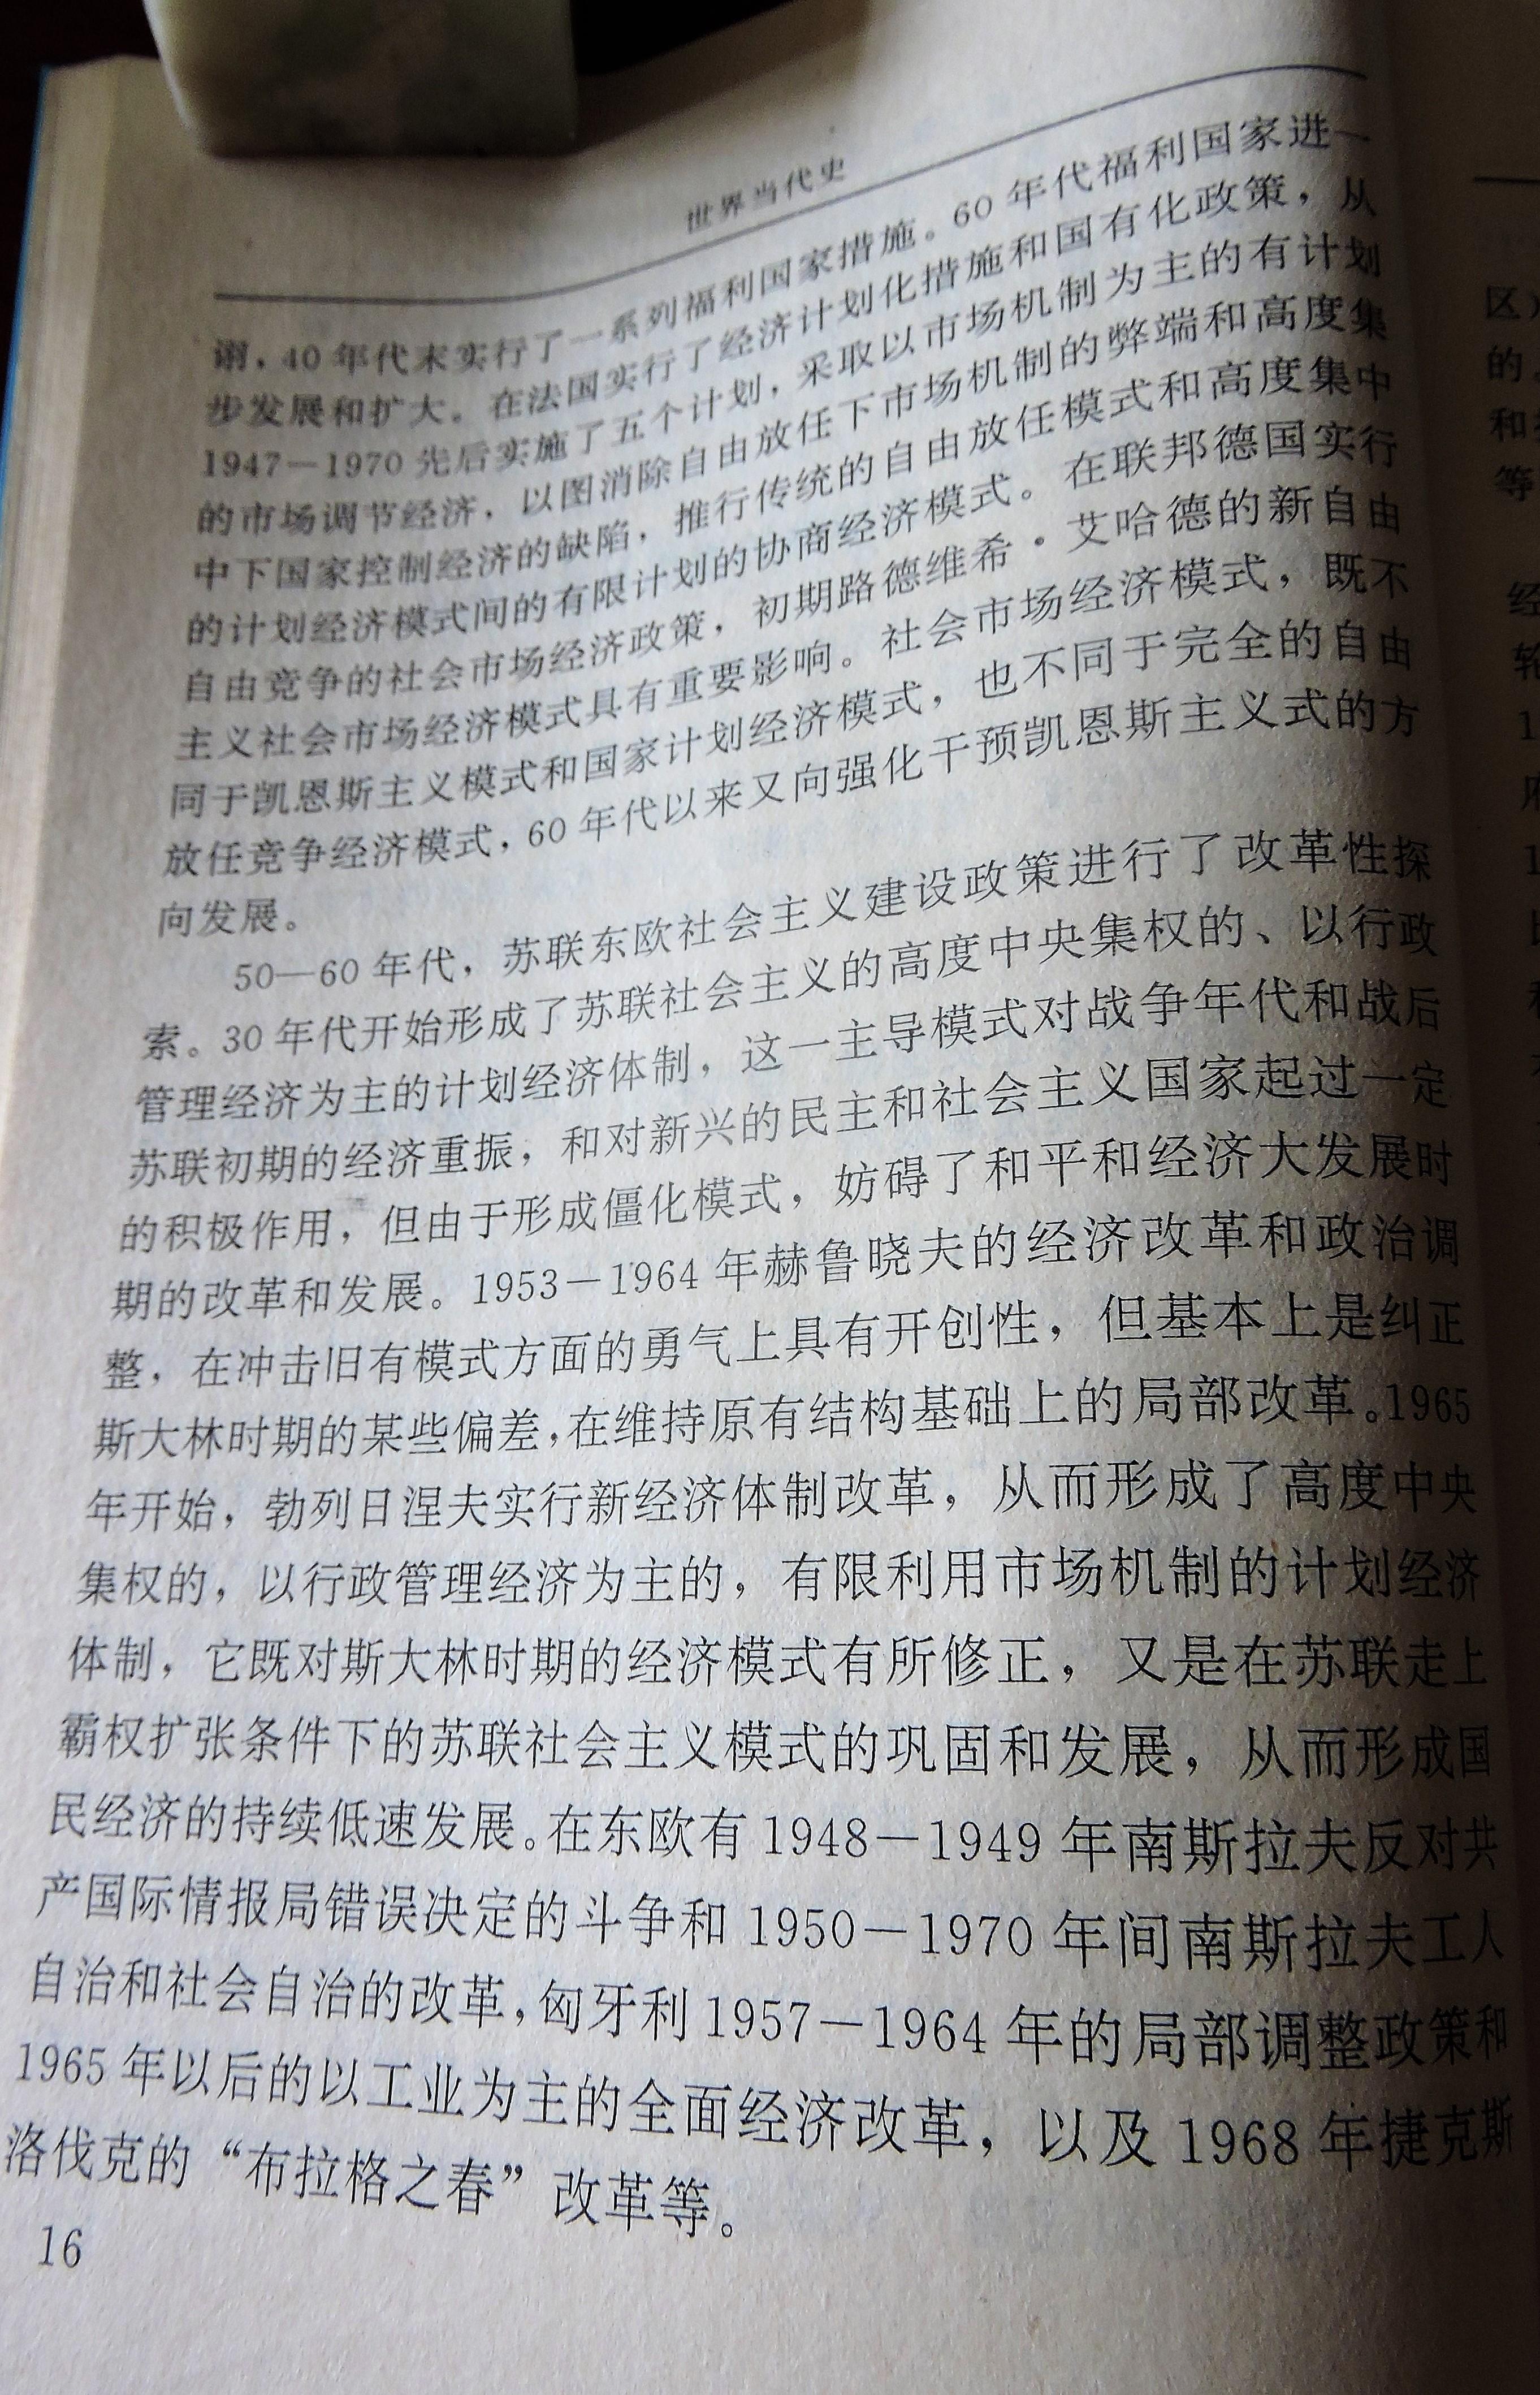 2 DSCN7959.jpg